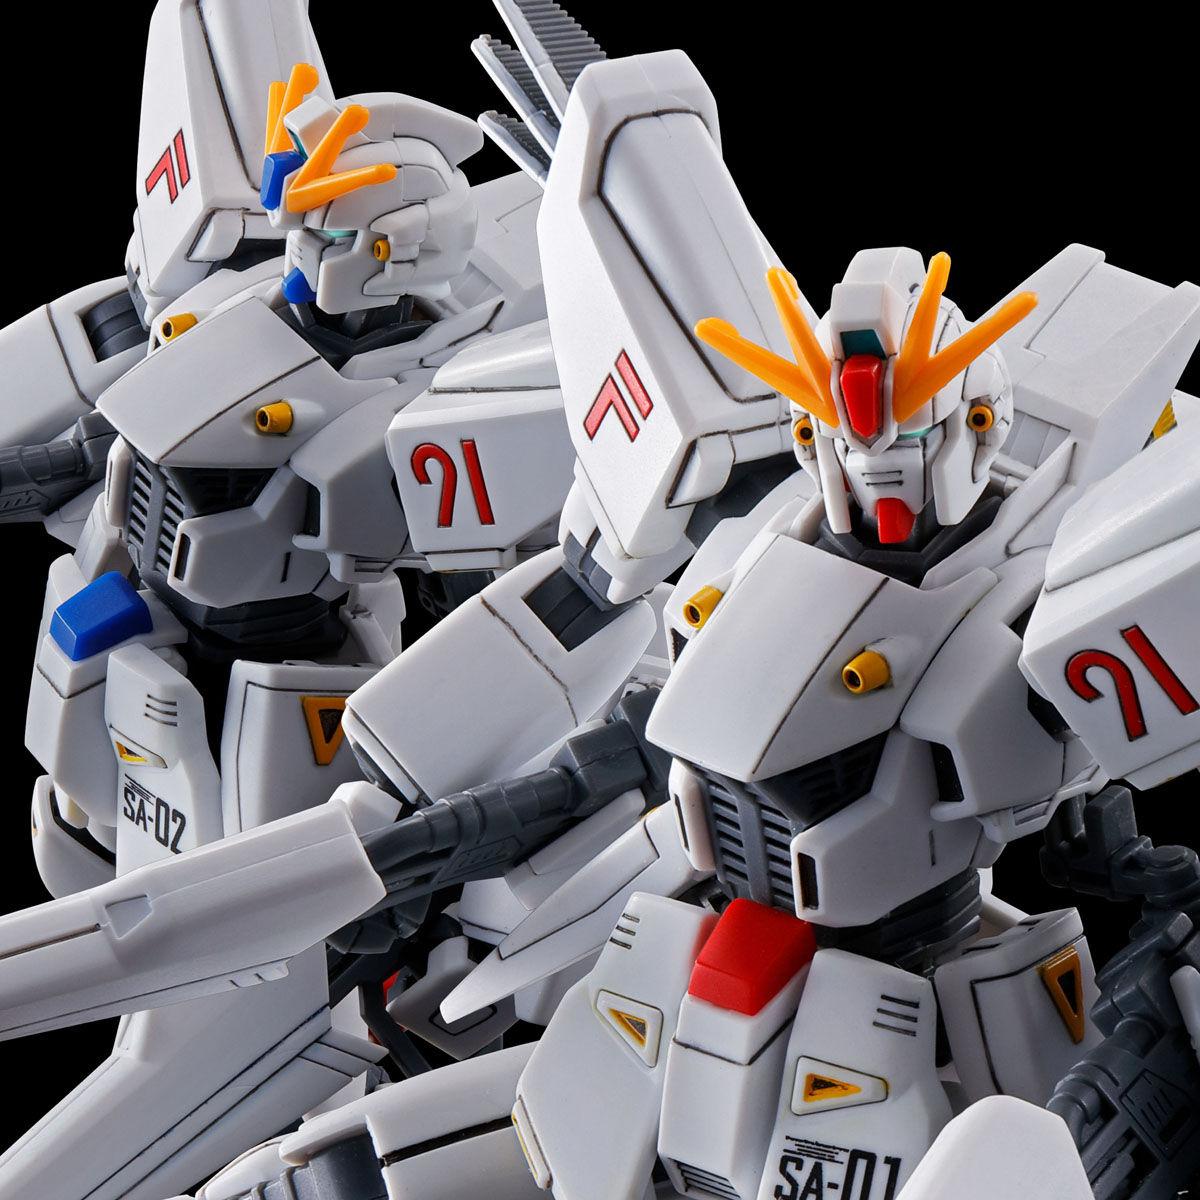 【限定販売】【再販】HG 1/144『ガンダムF91ヴァイタル 1号機&2号機セット』ガンダムF91プリクエル プラモデル-001